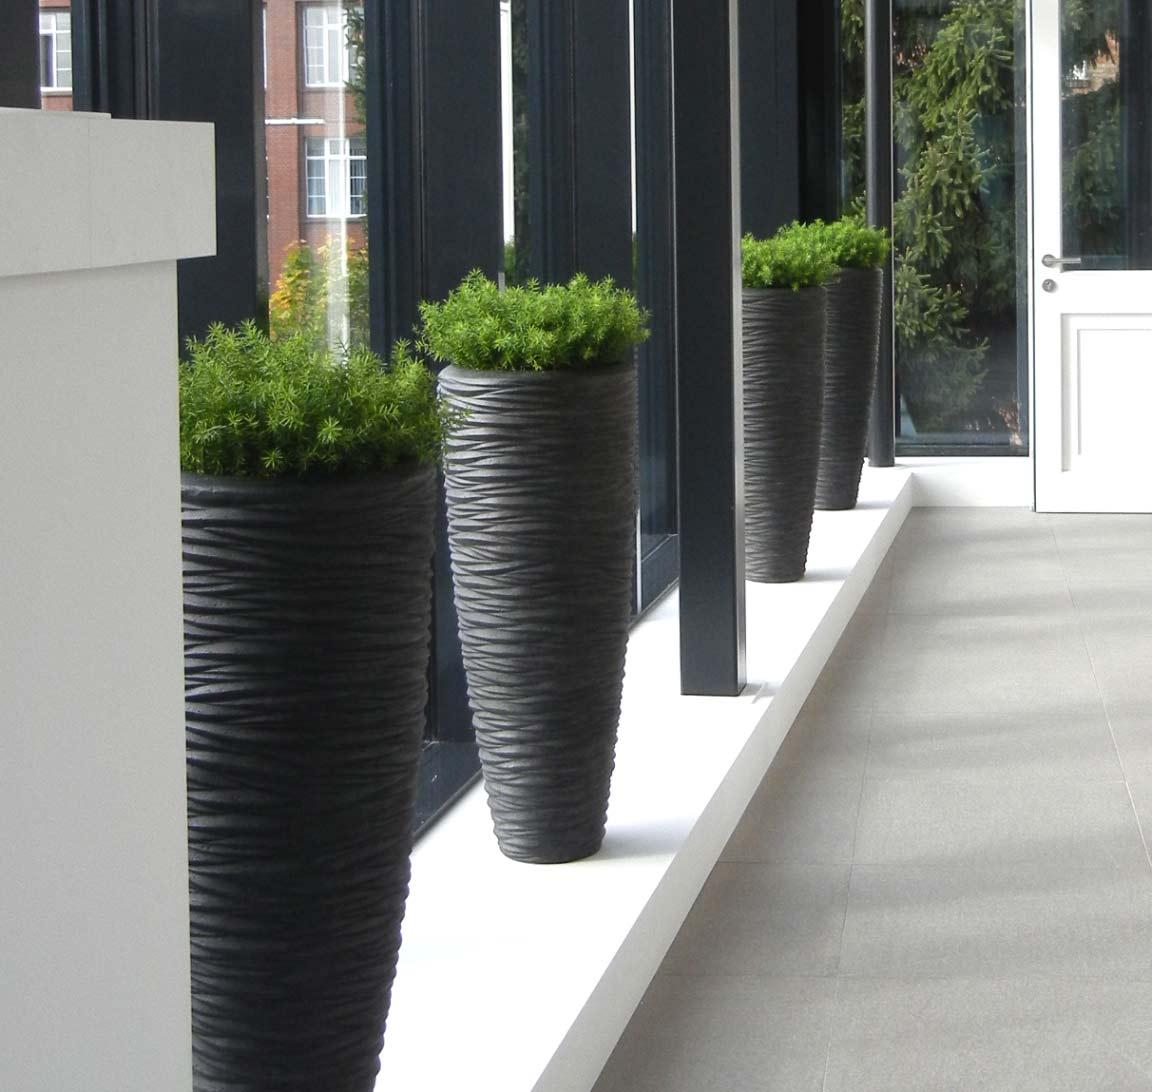 Polystonegefäß mit Kunstpflanzen im Foyer